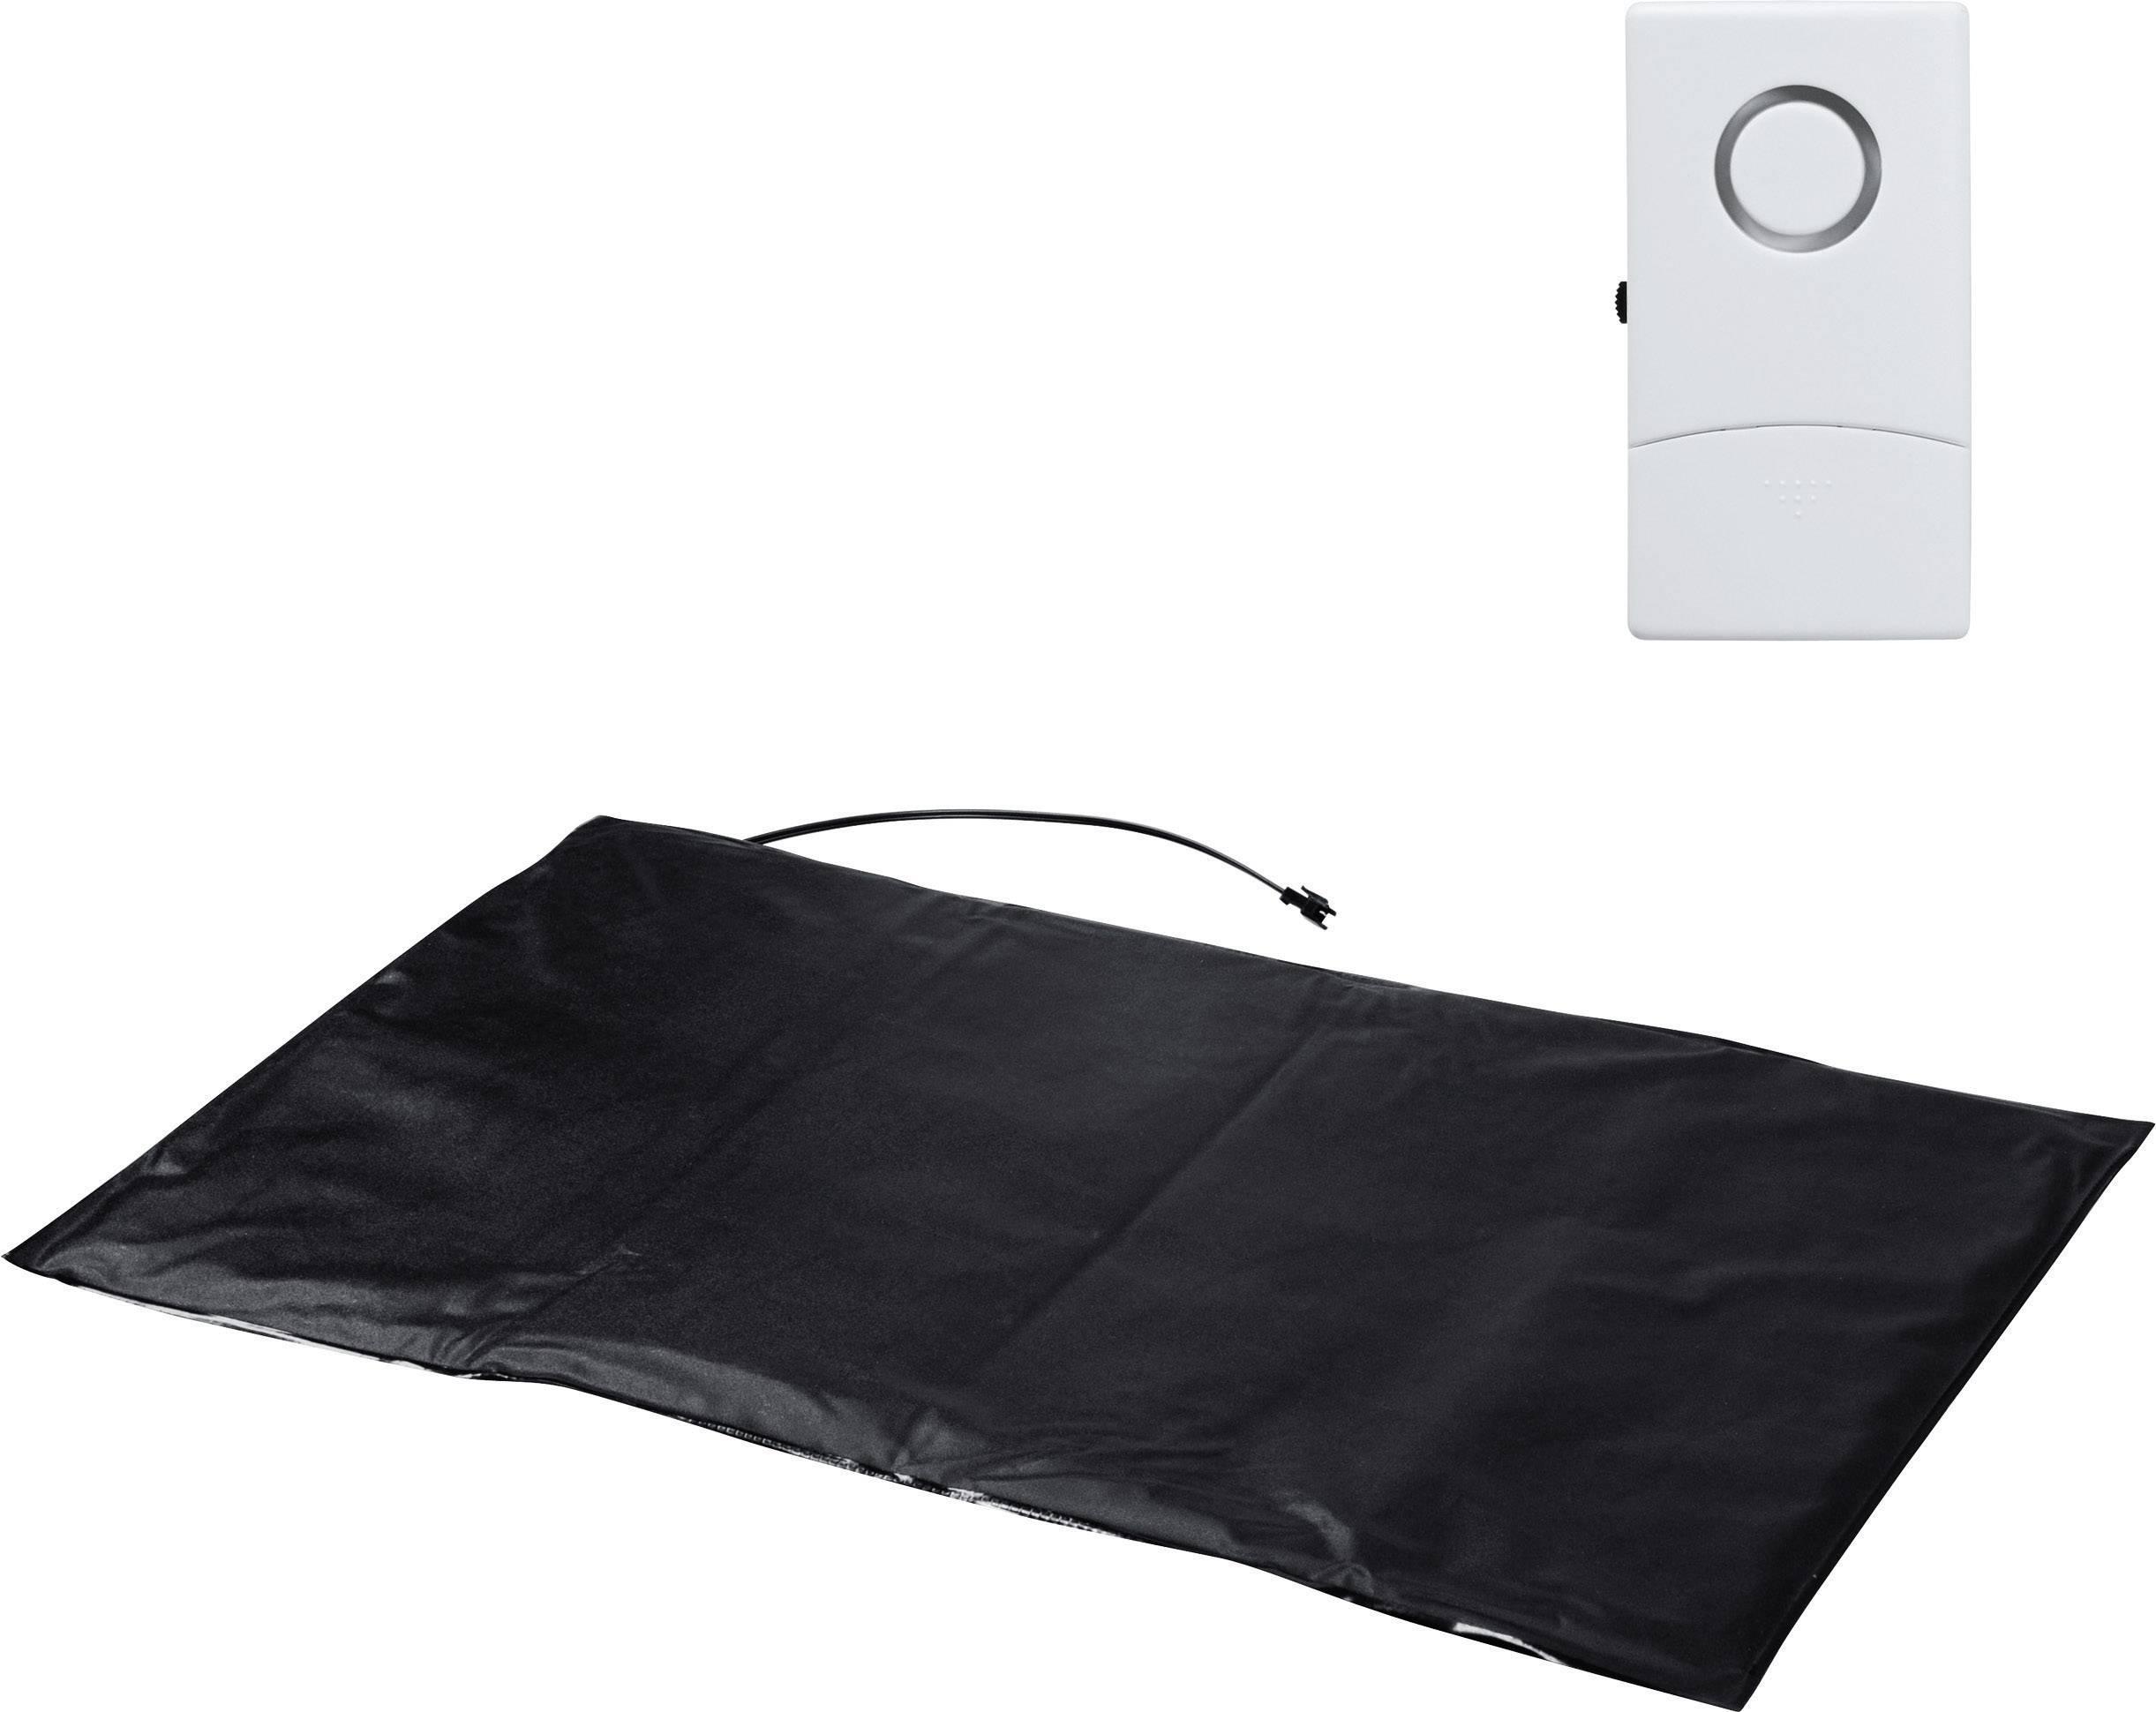 Předložka před dveře pro kočky 33620, s alarmem, 95 dB (A)